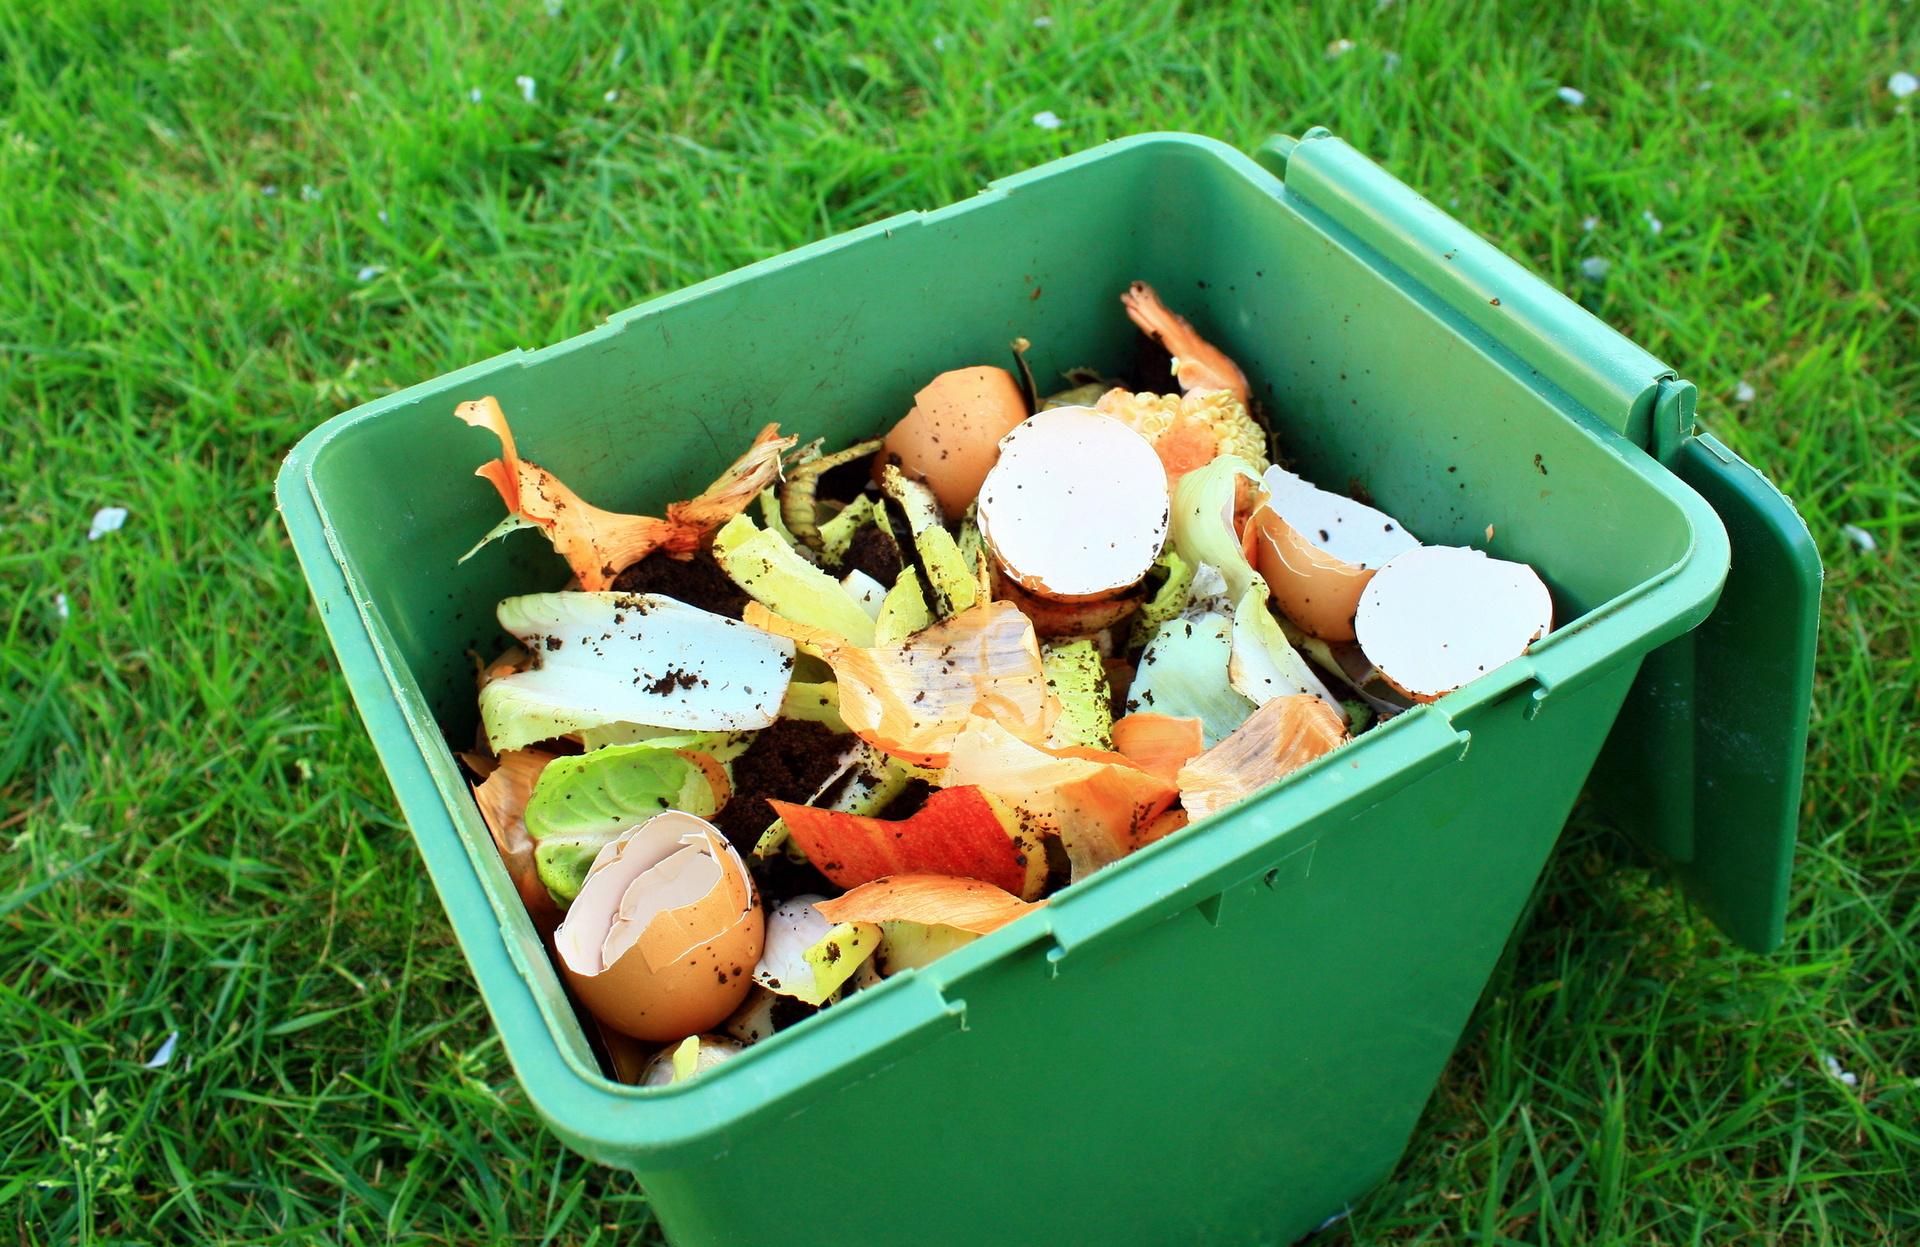 bioseau-compost.jpg